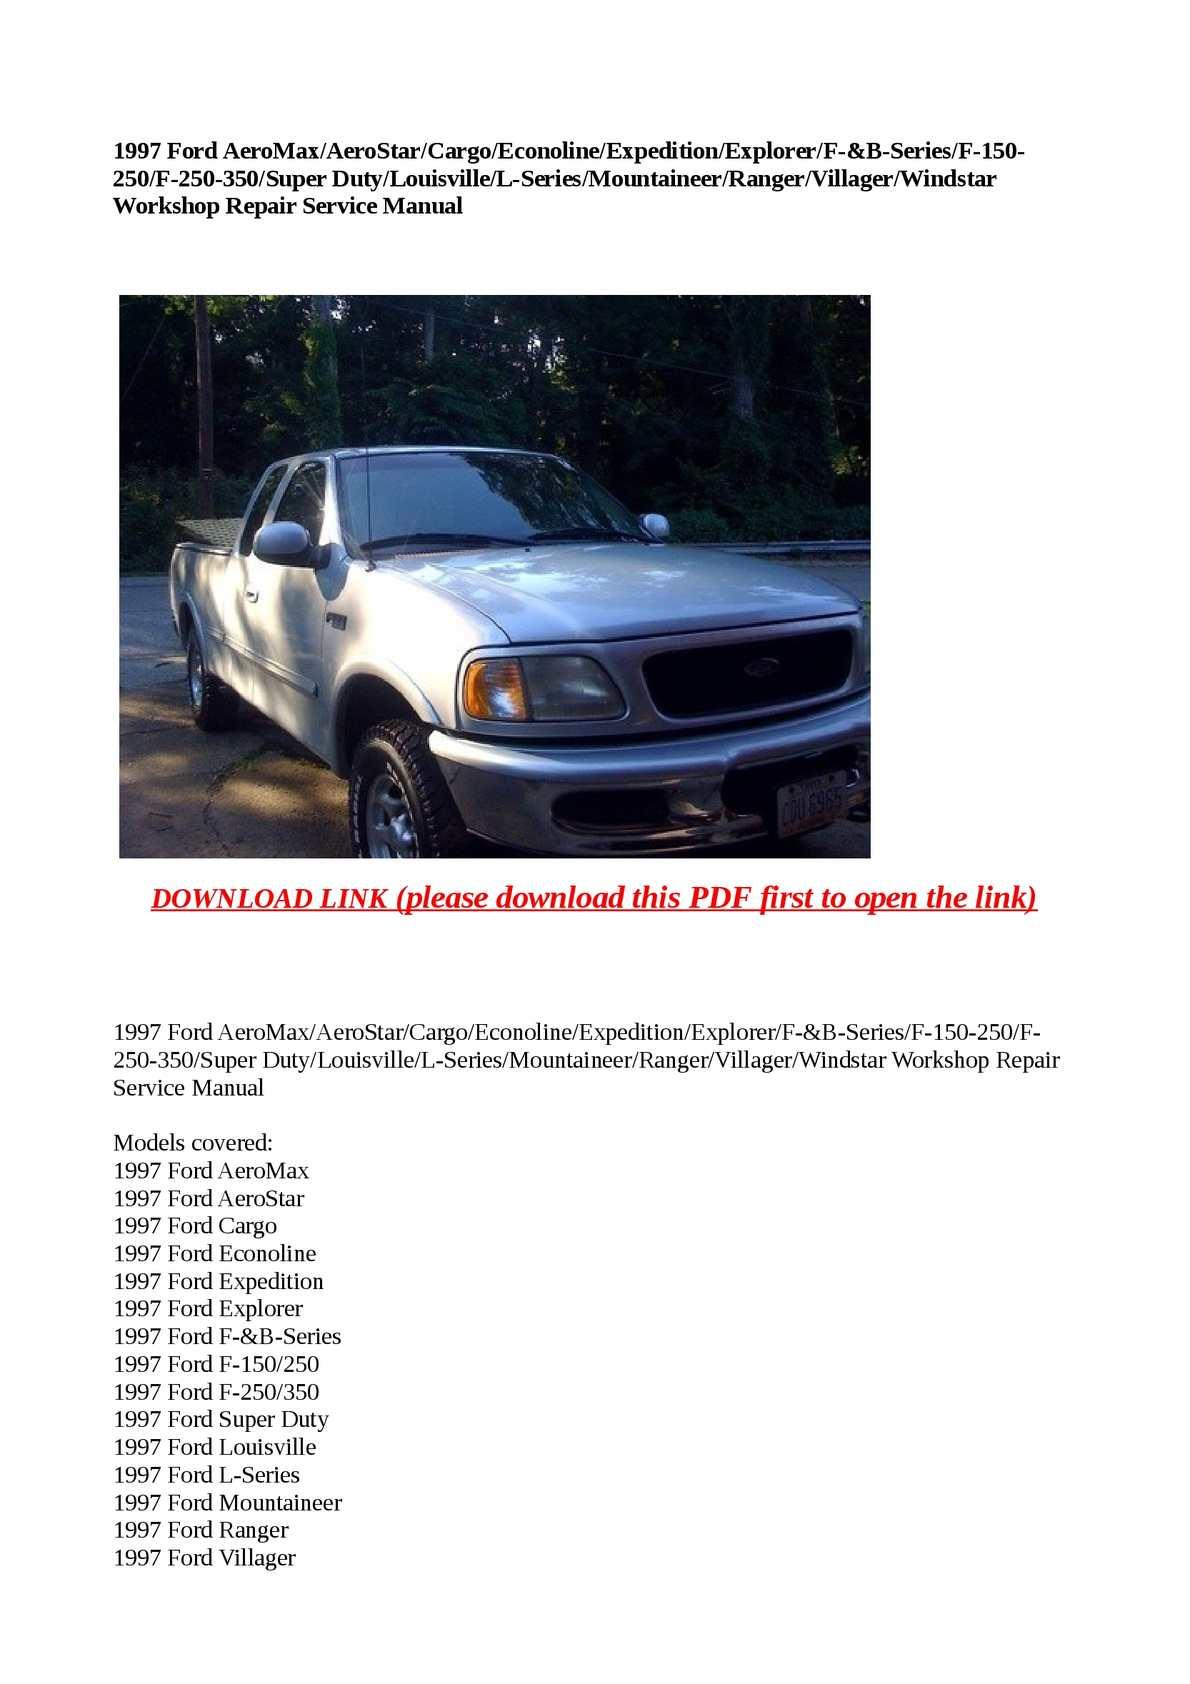 97 ford explorer repair manual pdf